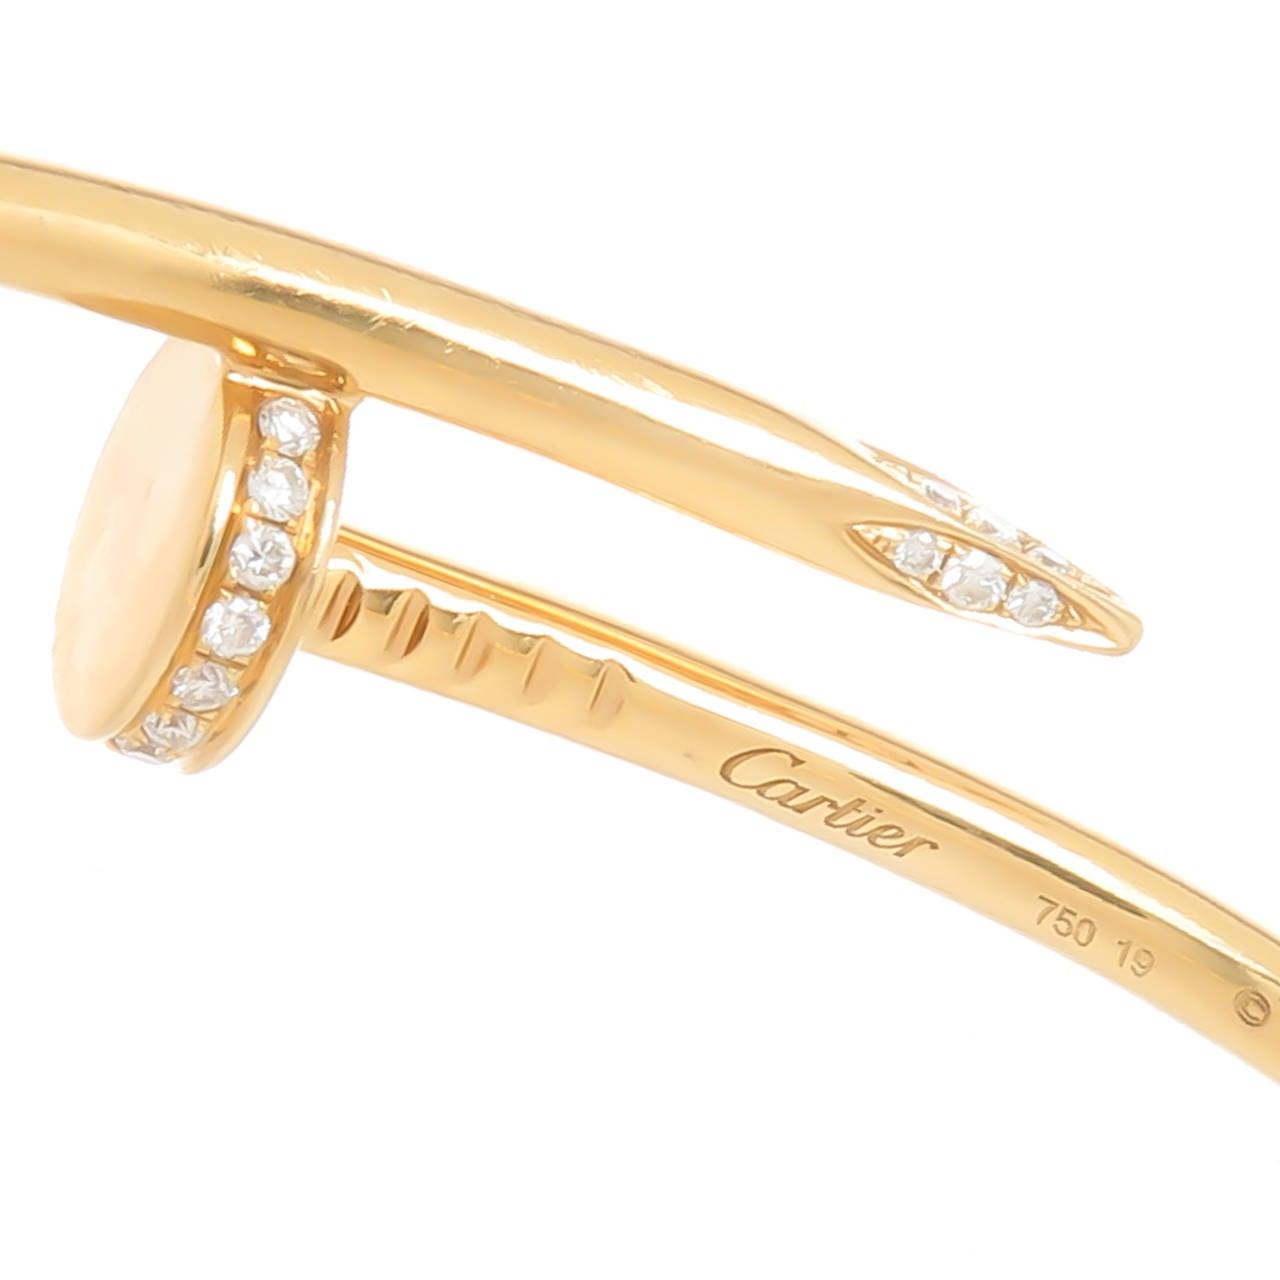 Cartier Juste Un Clou Diamond Gold Nail Bracelet 6